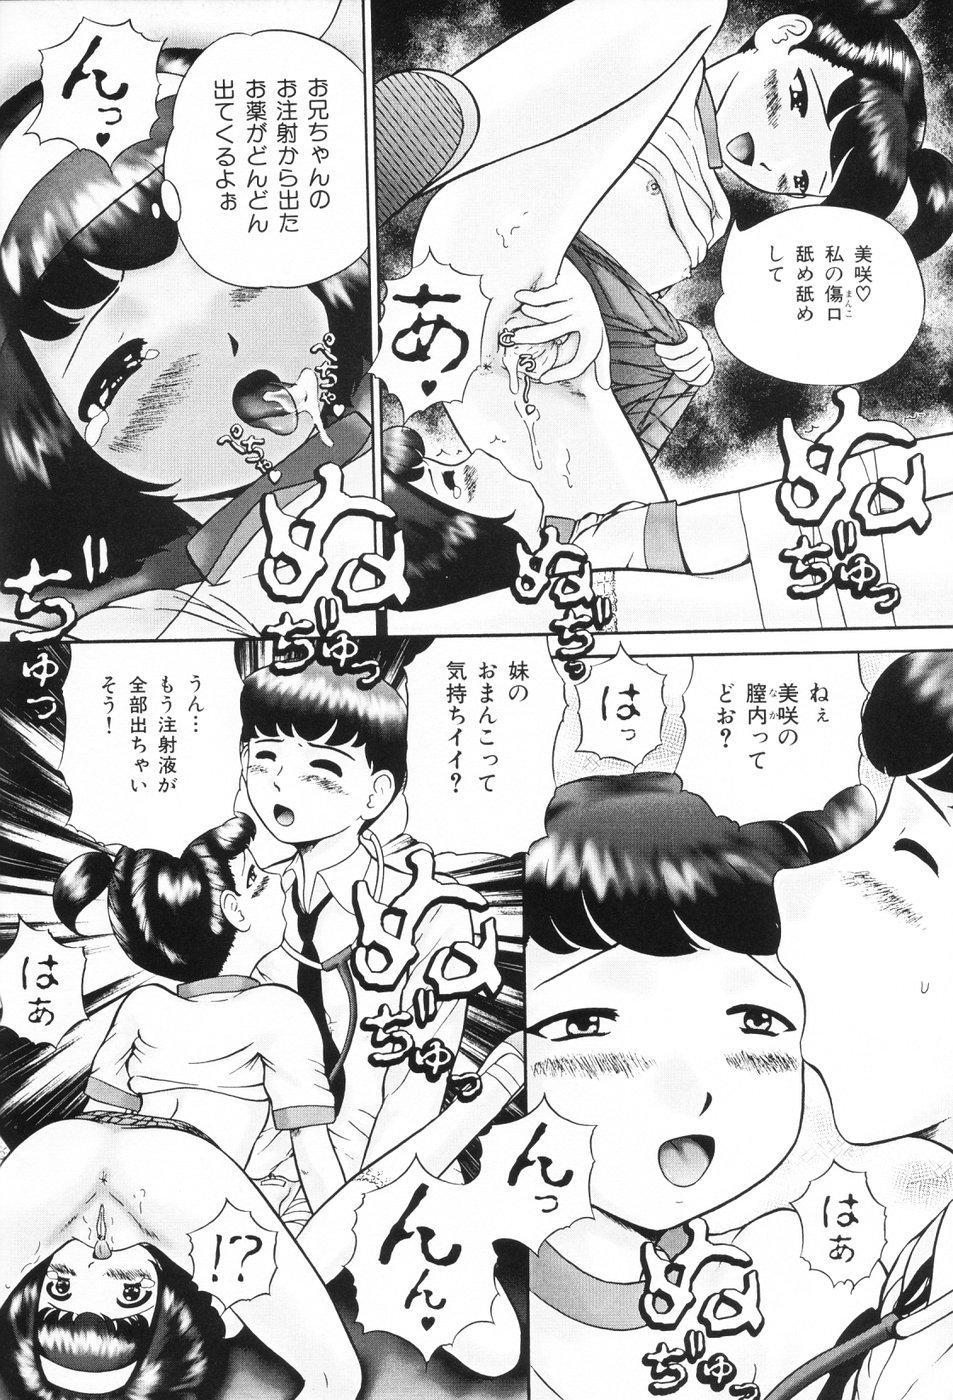 Koneko Genki!! - Powerful Pussycat!! 51